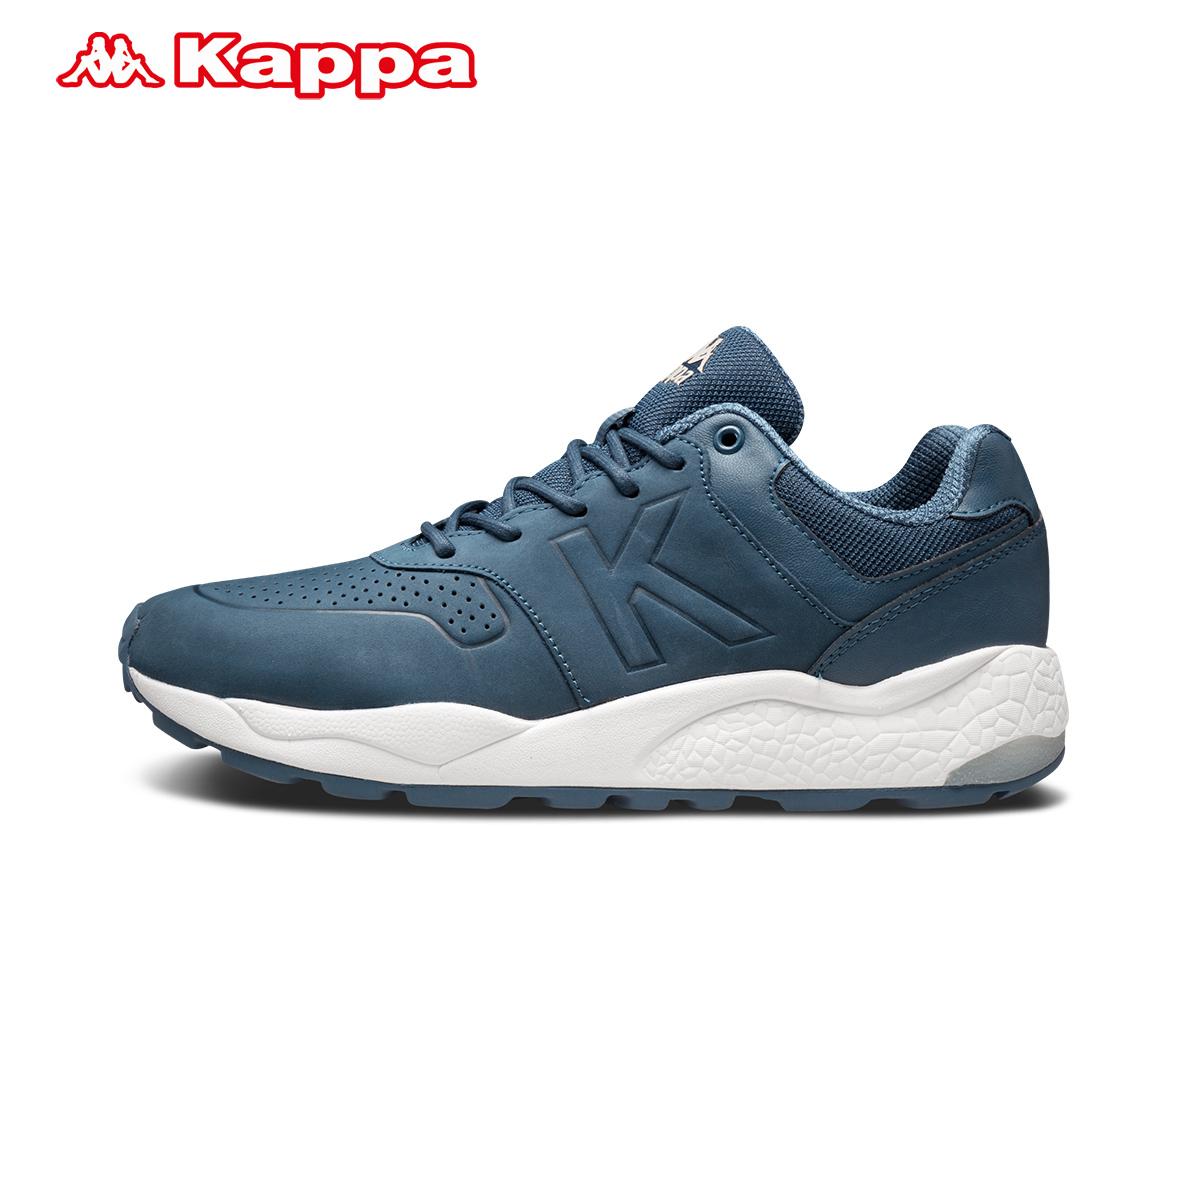 Kappa卡帕情侶男女款運動跑鞋運動鞋休閑跑鞋 |K0755MM72D